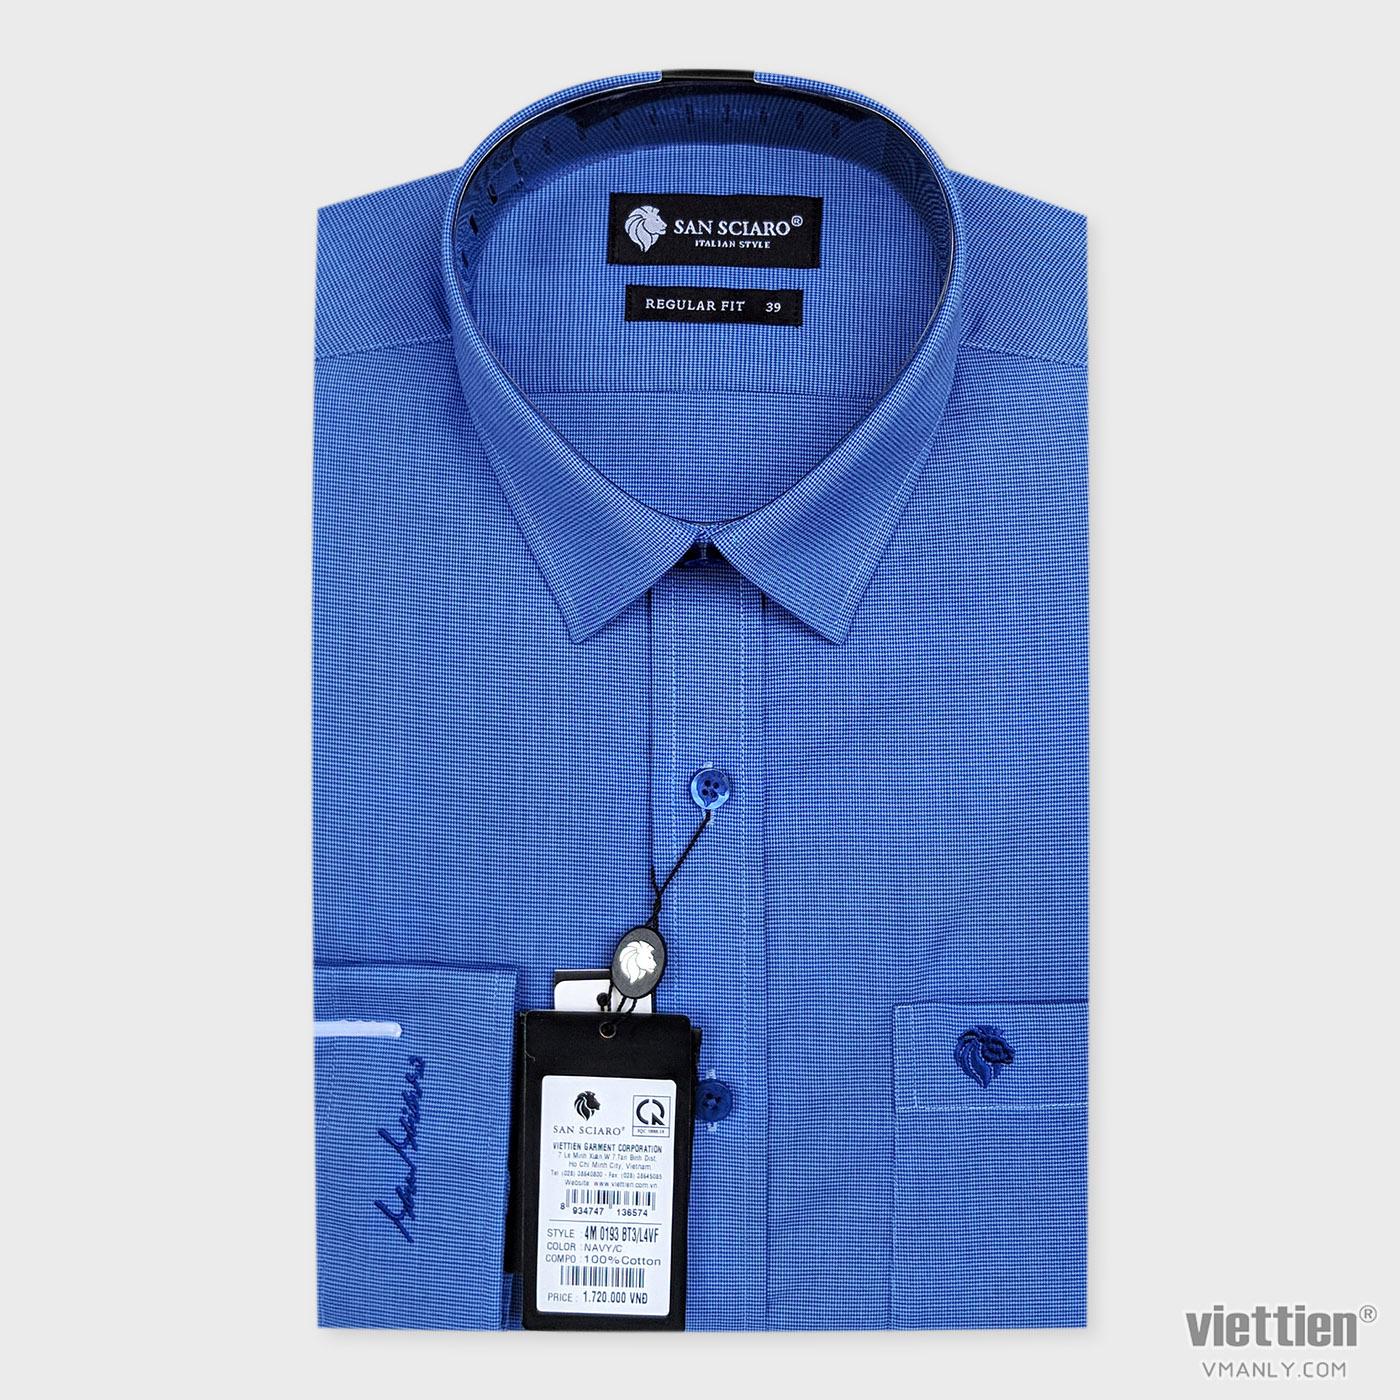 Áo sơ mi cao cấp San Sciaro Việt Tiến dài tay có túi màu xanh caro 4M0193BT3/L4VF